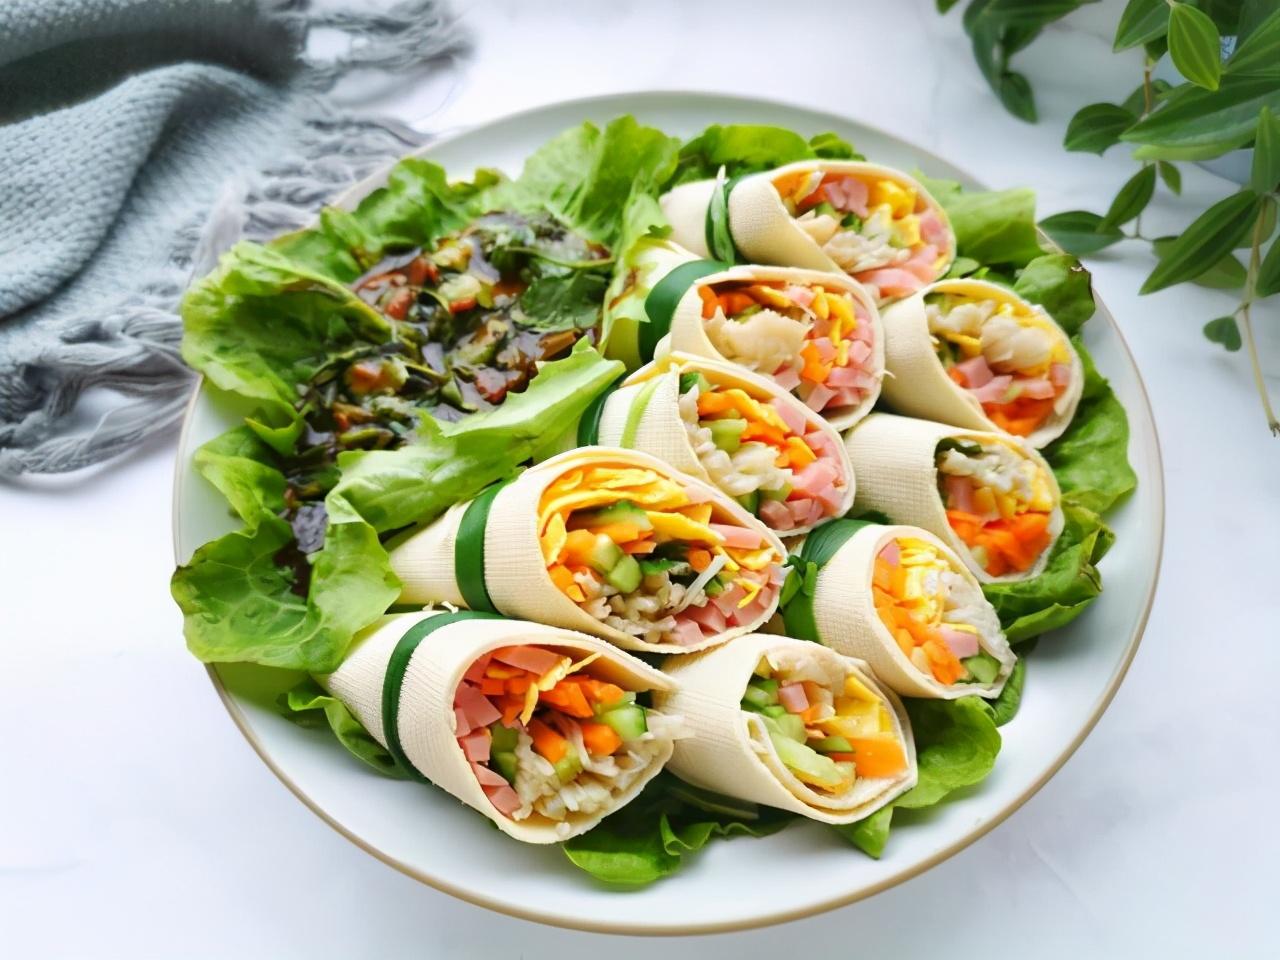 减肥无需饿肚子,分享8道减脂菜,低脂粗纤维,大肚腩越来越小 减肥菜谱 第3张